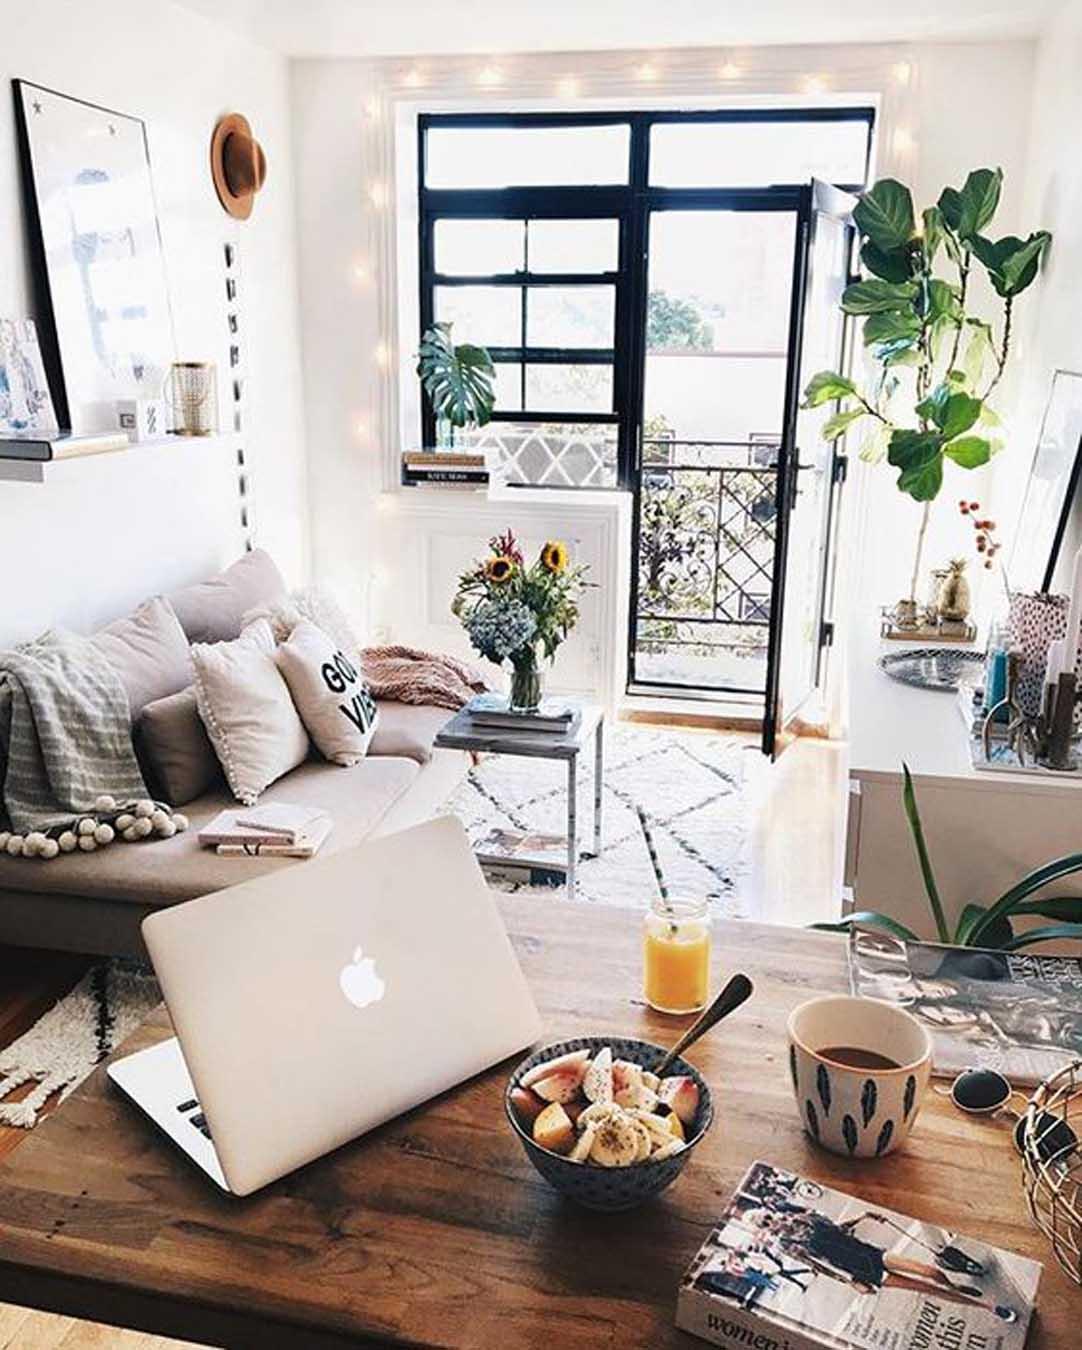 идеи для бюджетного обустройства небольших квартир фото 10